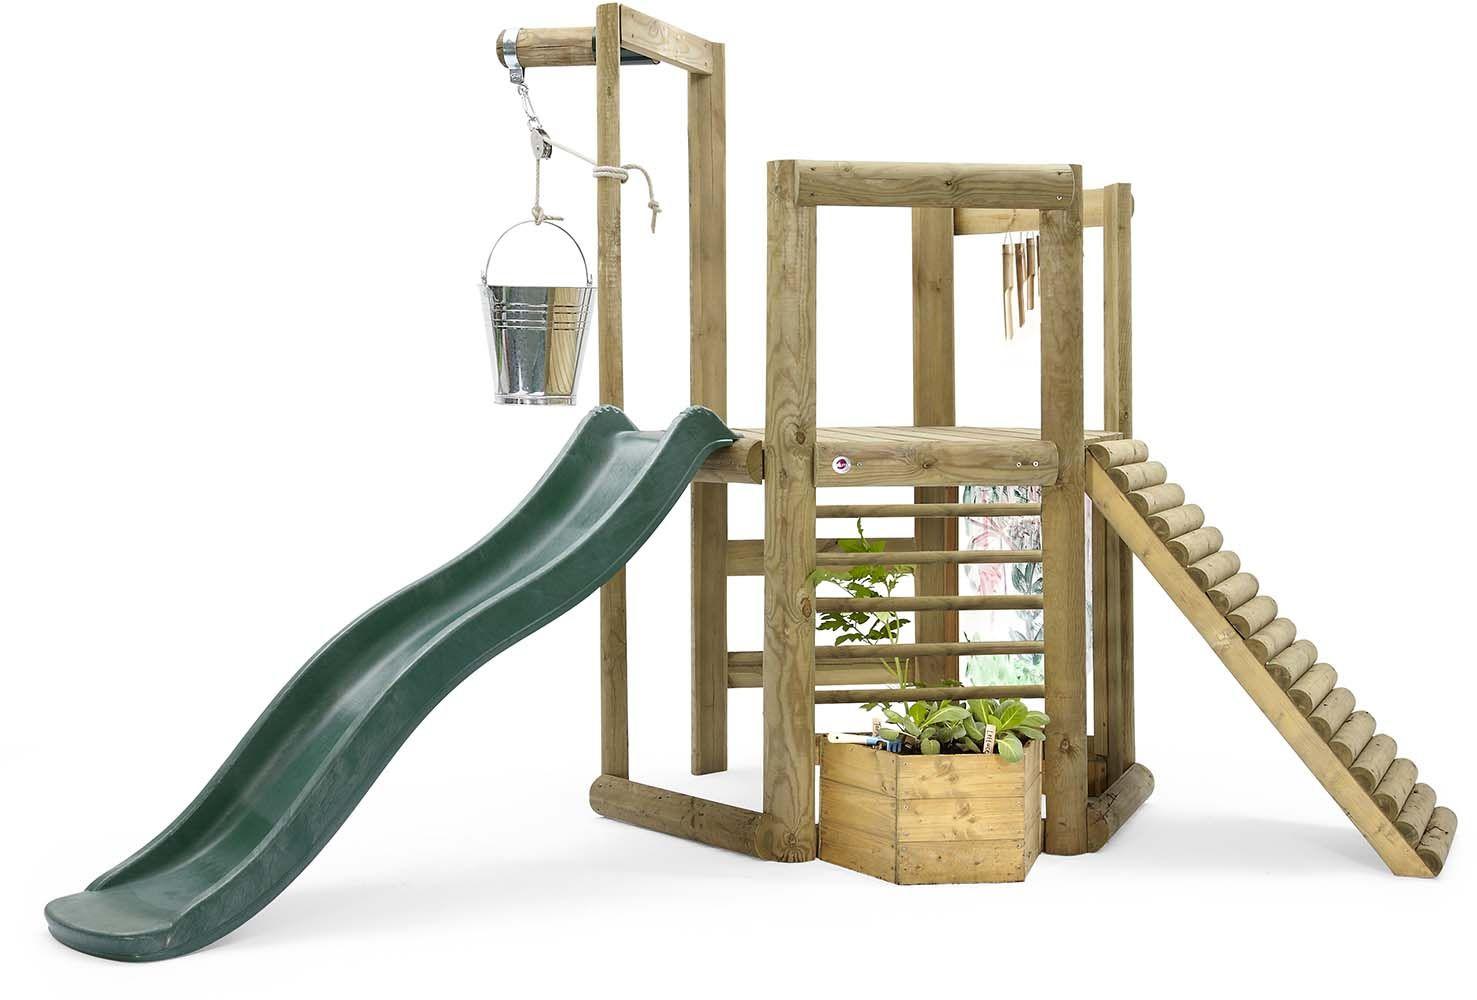 Espace jardin for Cuisine en bois nature et decouverte